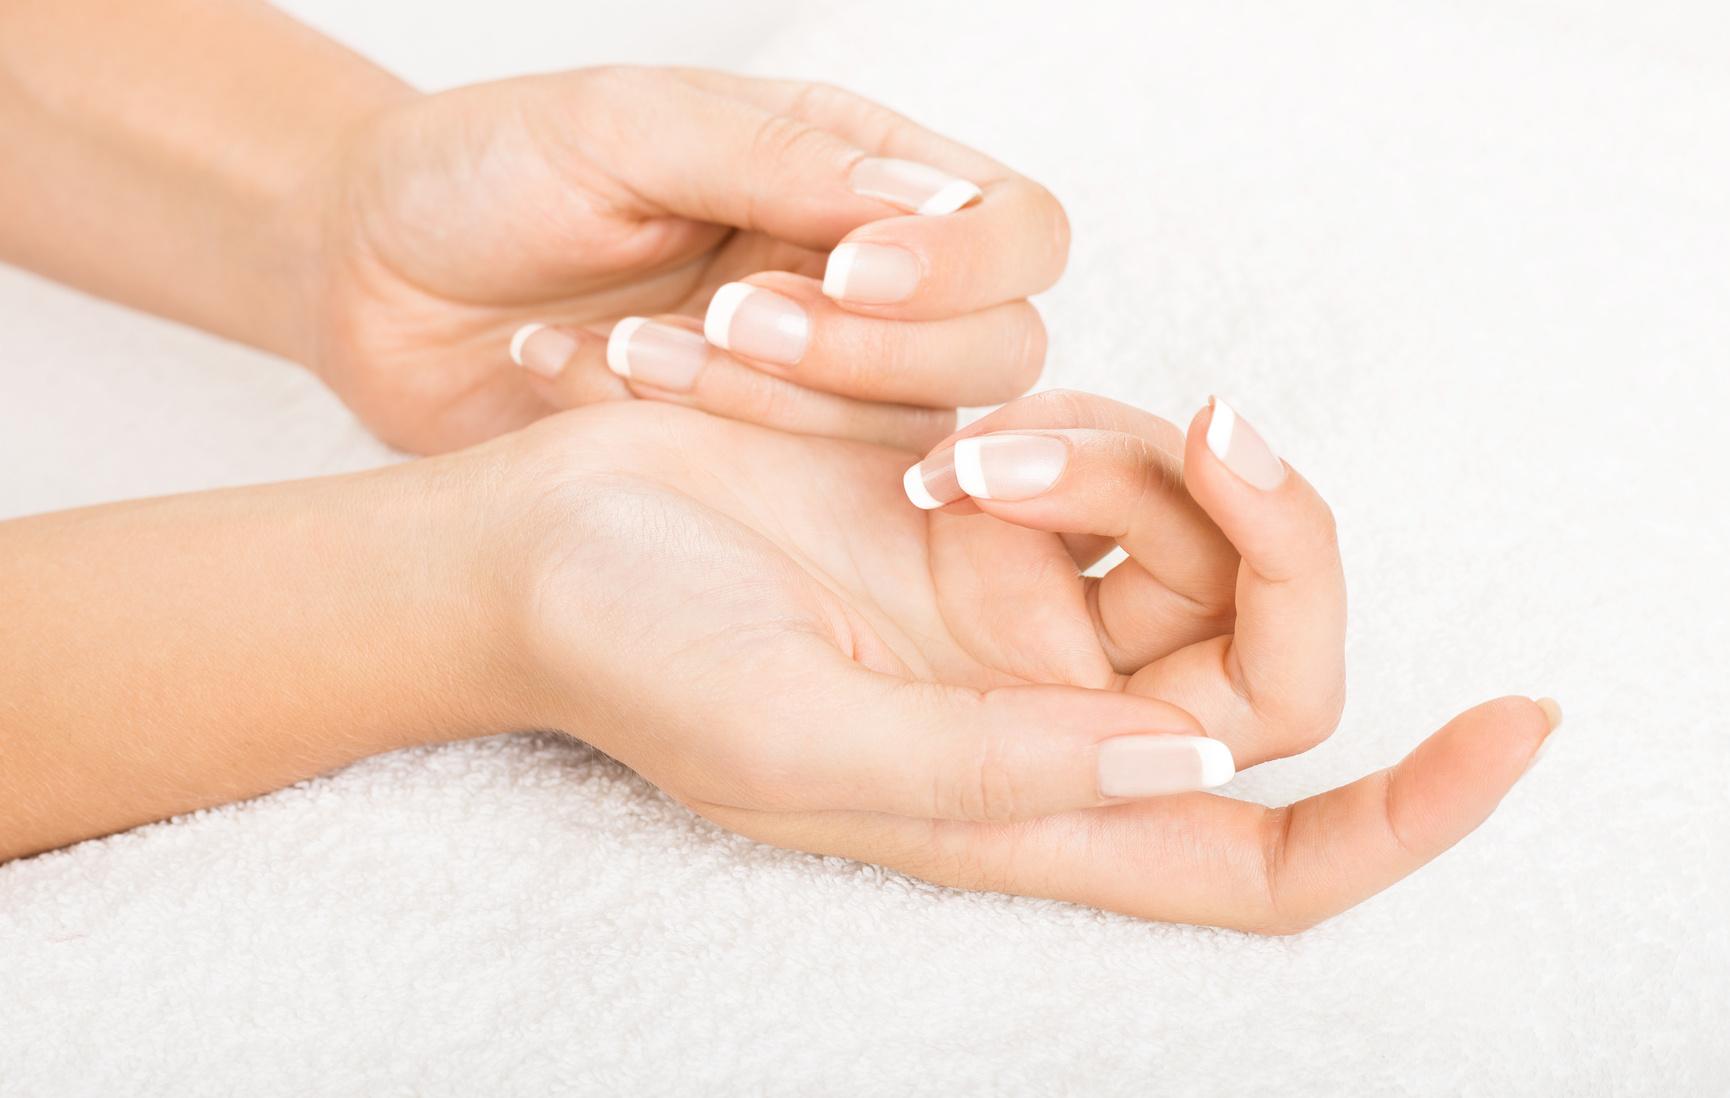 malattie delle unghie